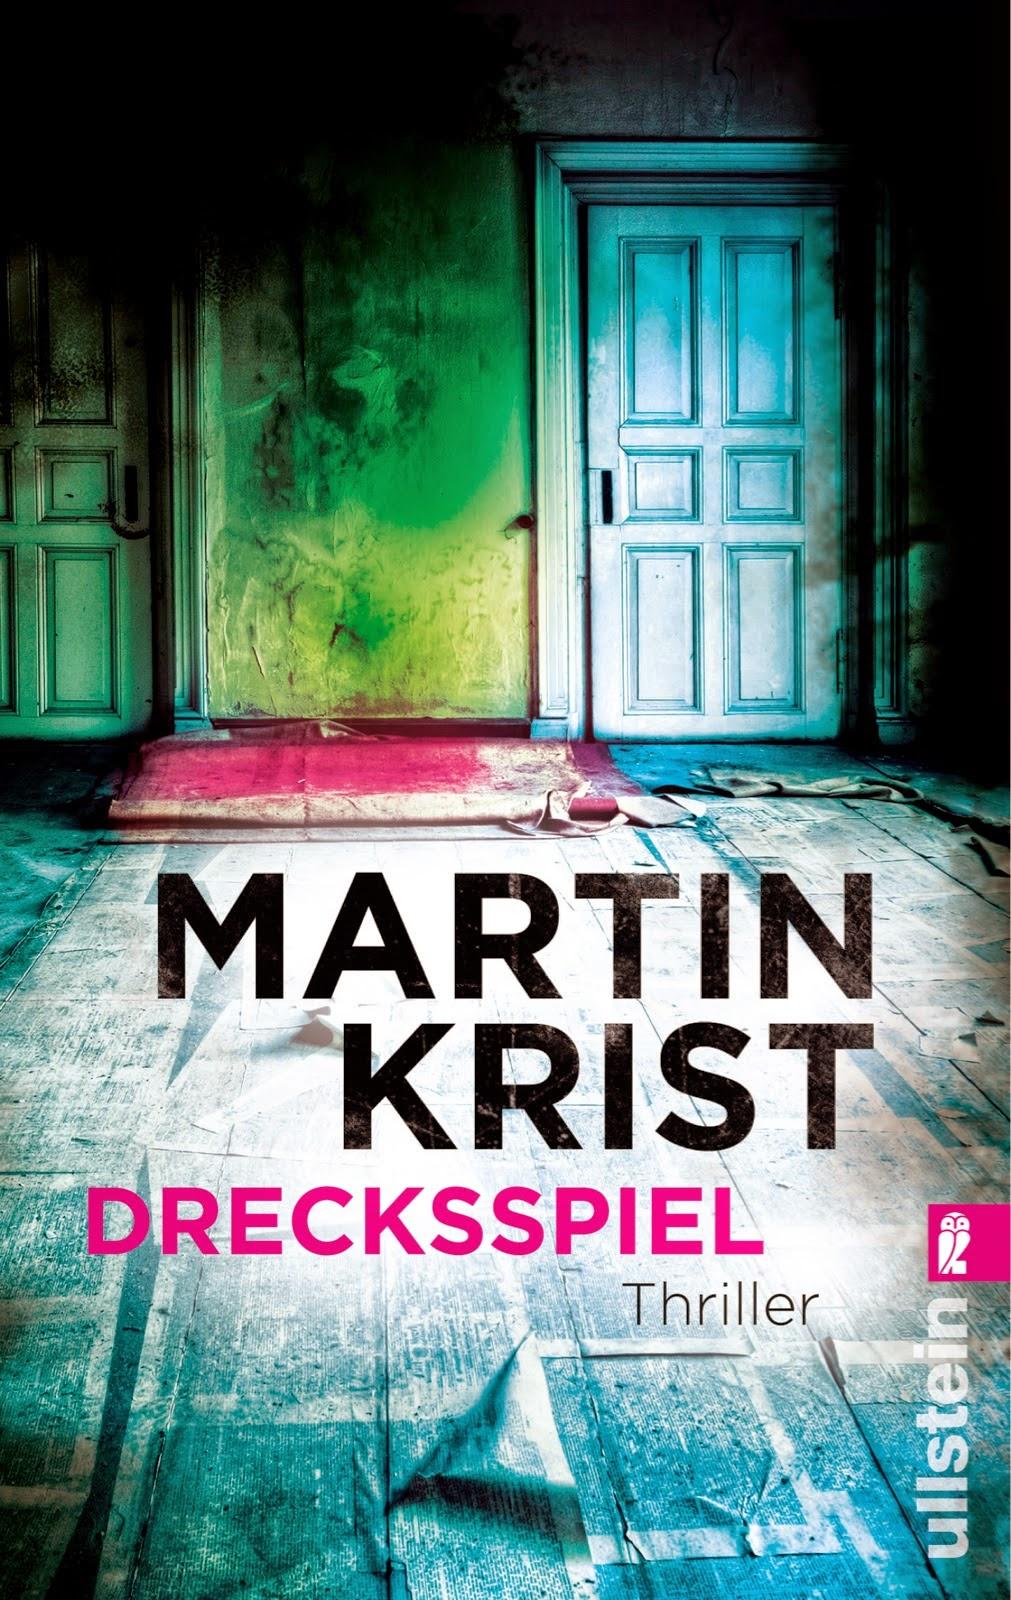 http://www.amazon.de/Drecksspiel-Thriller-Martin-Krist/dp/3548285376/ref=sr_1_1?s=books&ie=UTF8&qid=1427137840&sr=1-1&keywords=drecksspiel